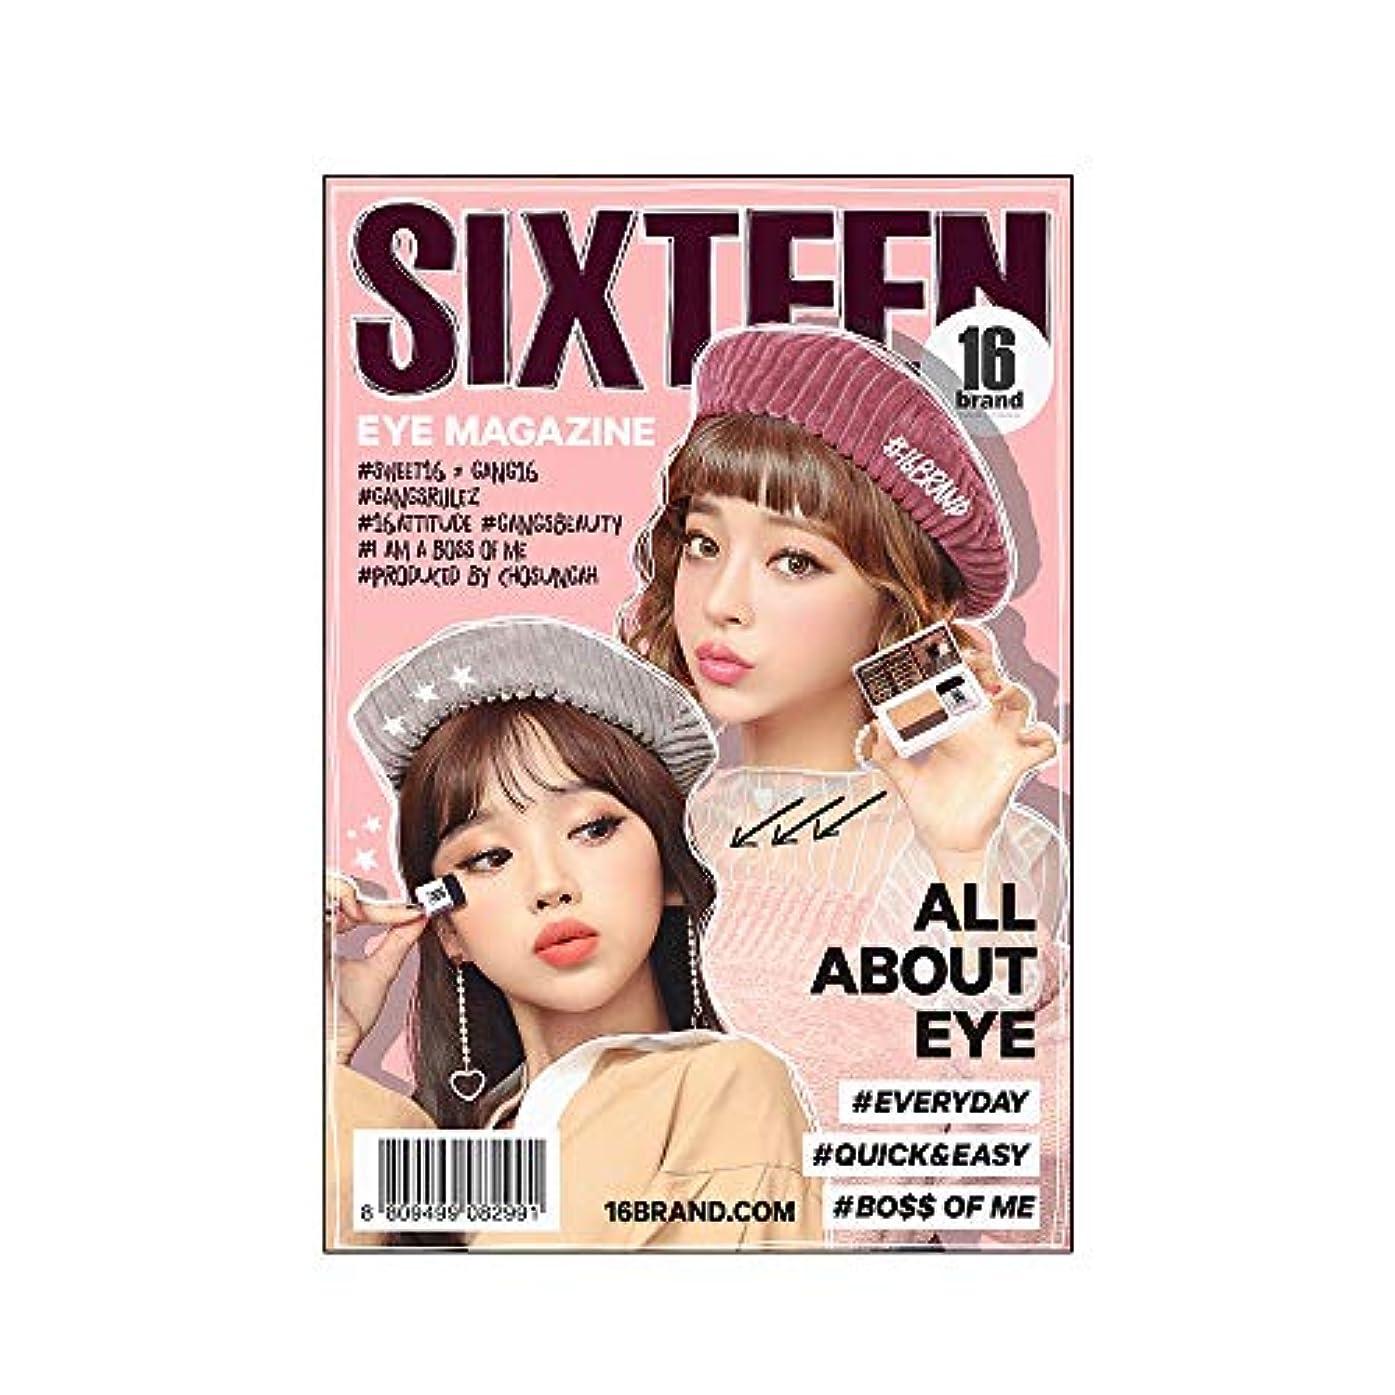 枯渇する一掃する前述の16brand 16 Eye Magazine 2g /16ブランド 16 アイマガジン 2g [国内正規品](エブリディ)